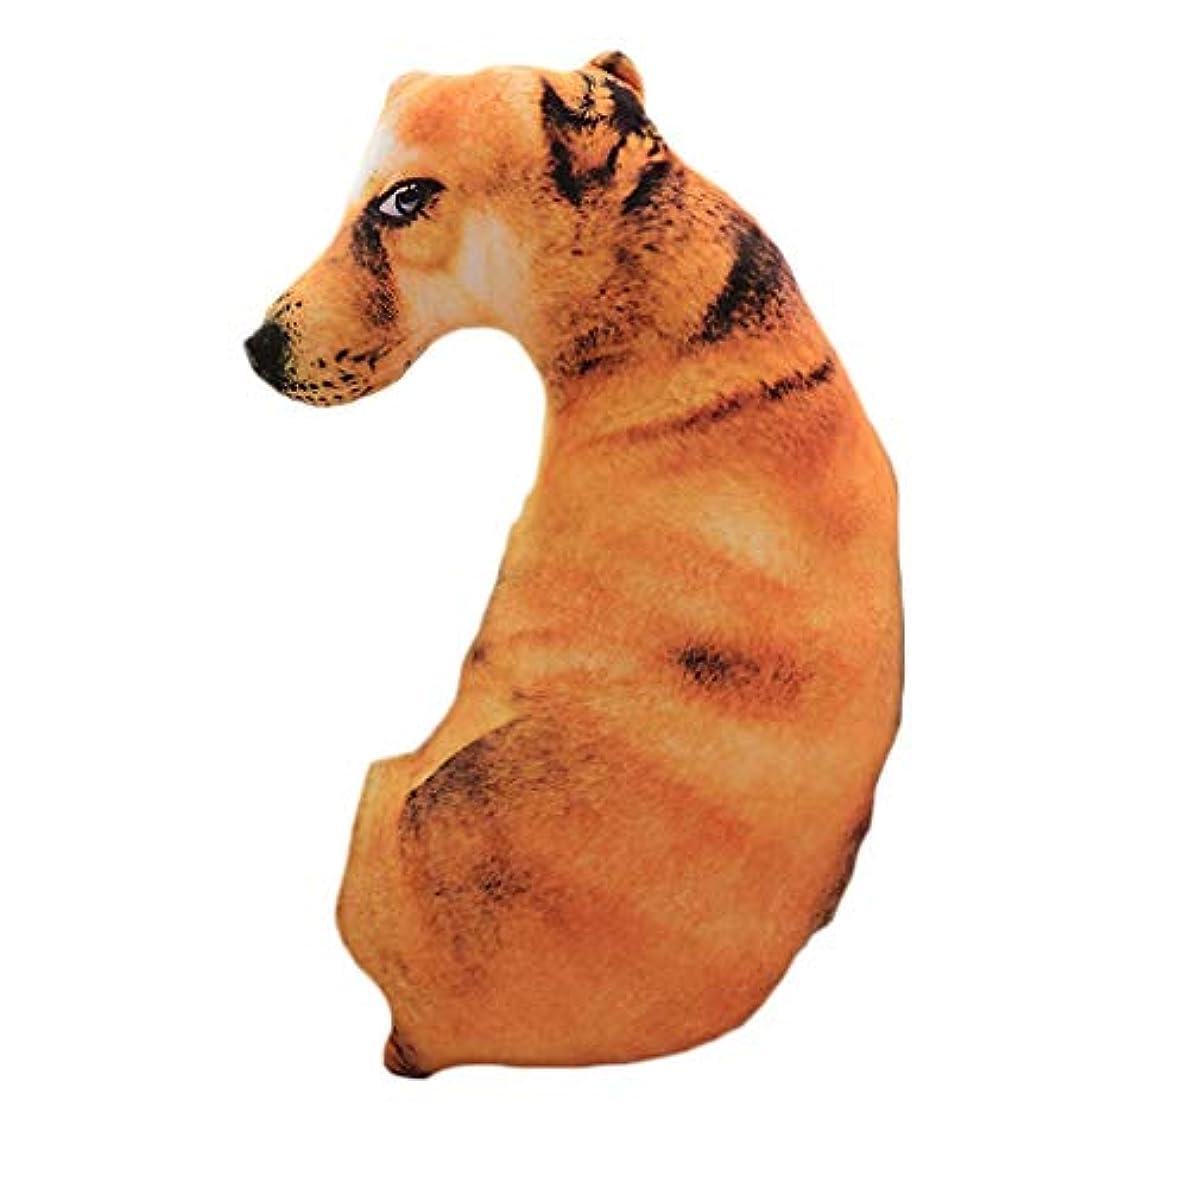 苦行サミュエル束LIFE 装飾クッションソファおかしい 3D 犬印刷スロー枕創造クッションかわいいぬいぐるみギフト家の装飾 coussin decoratif クッション 椅子